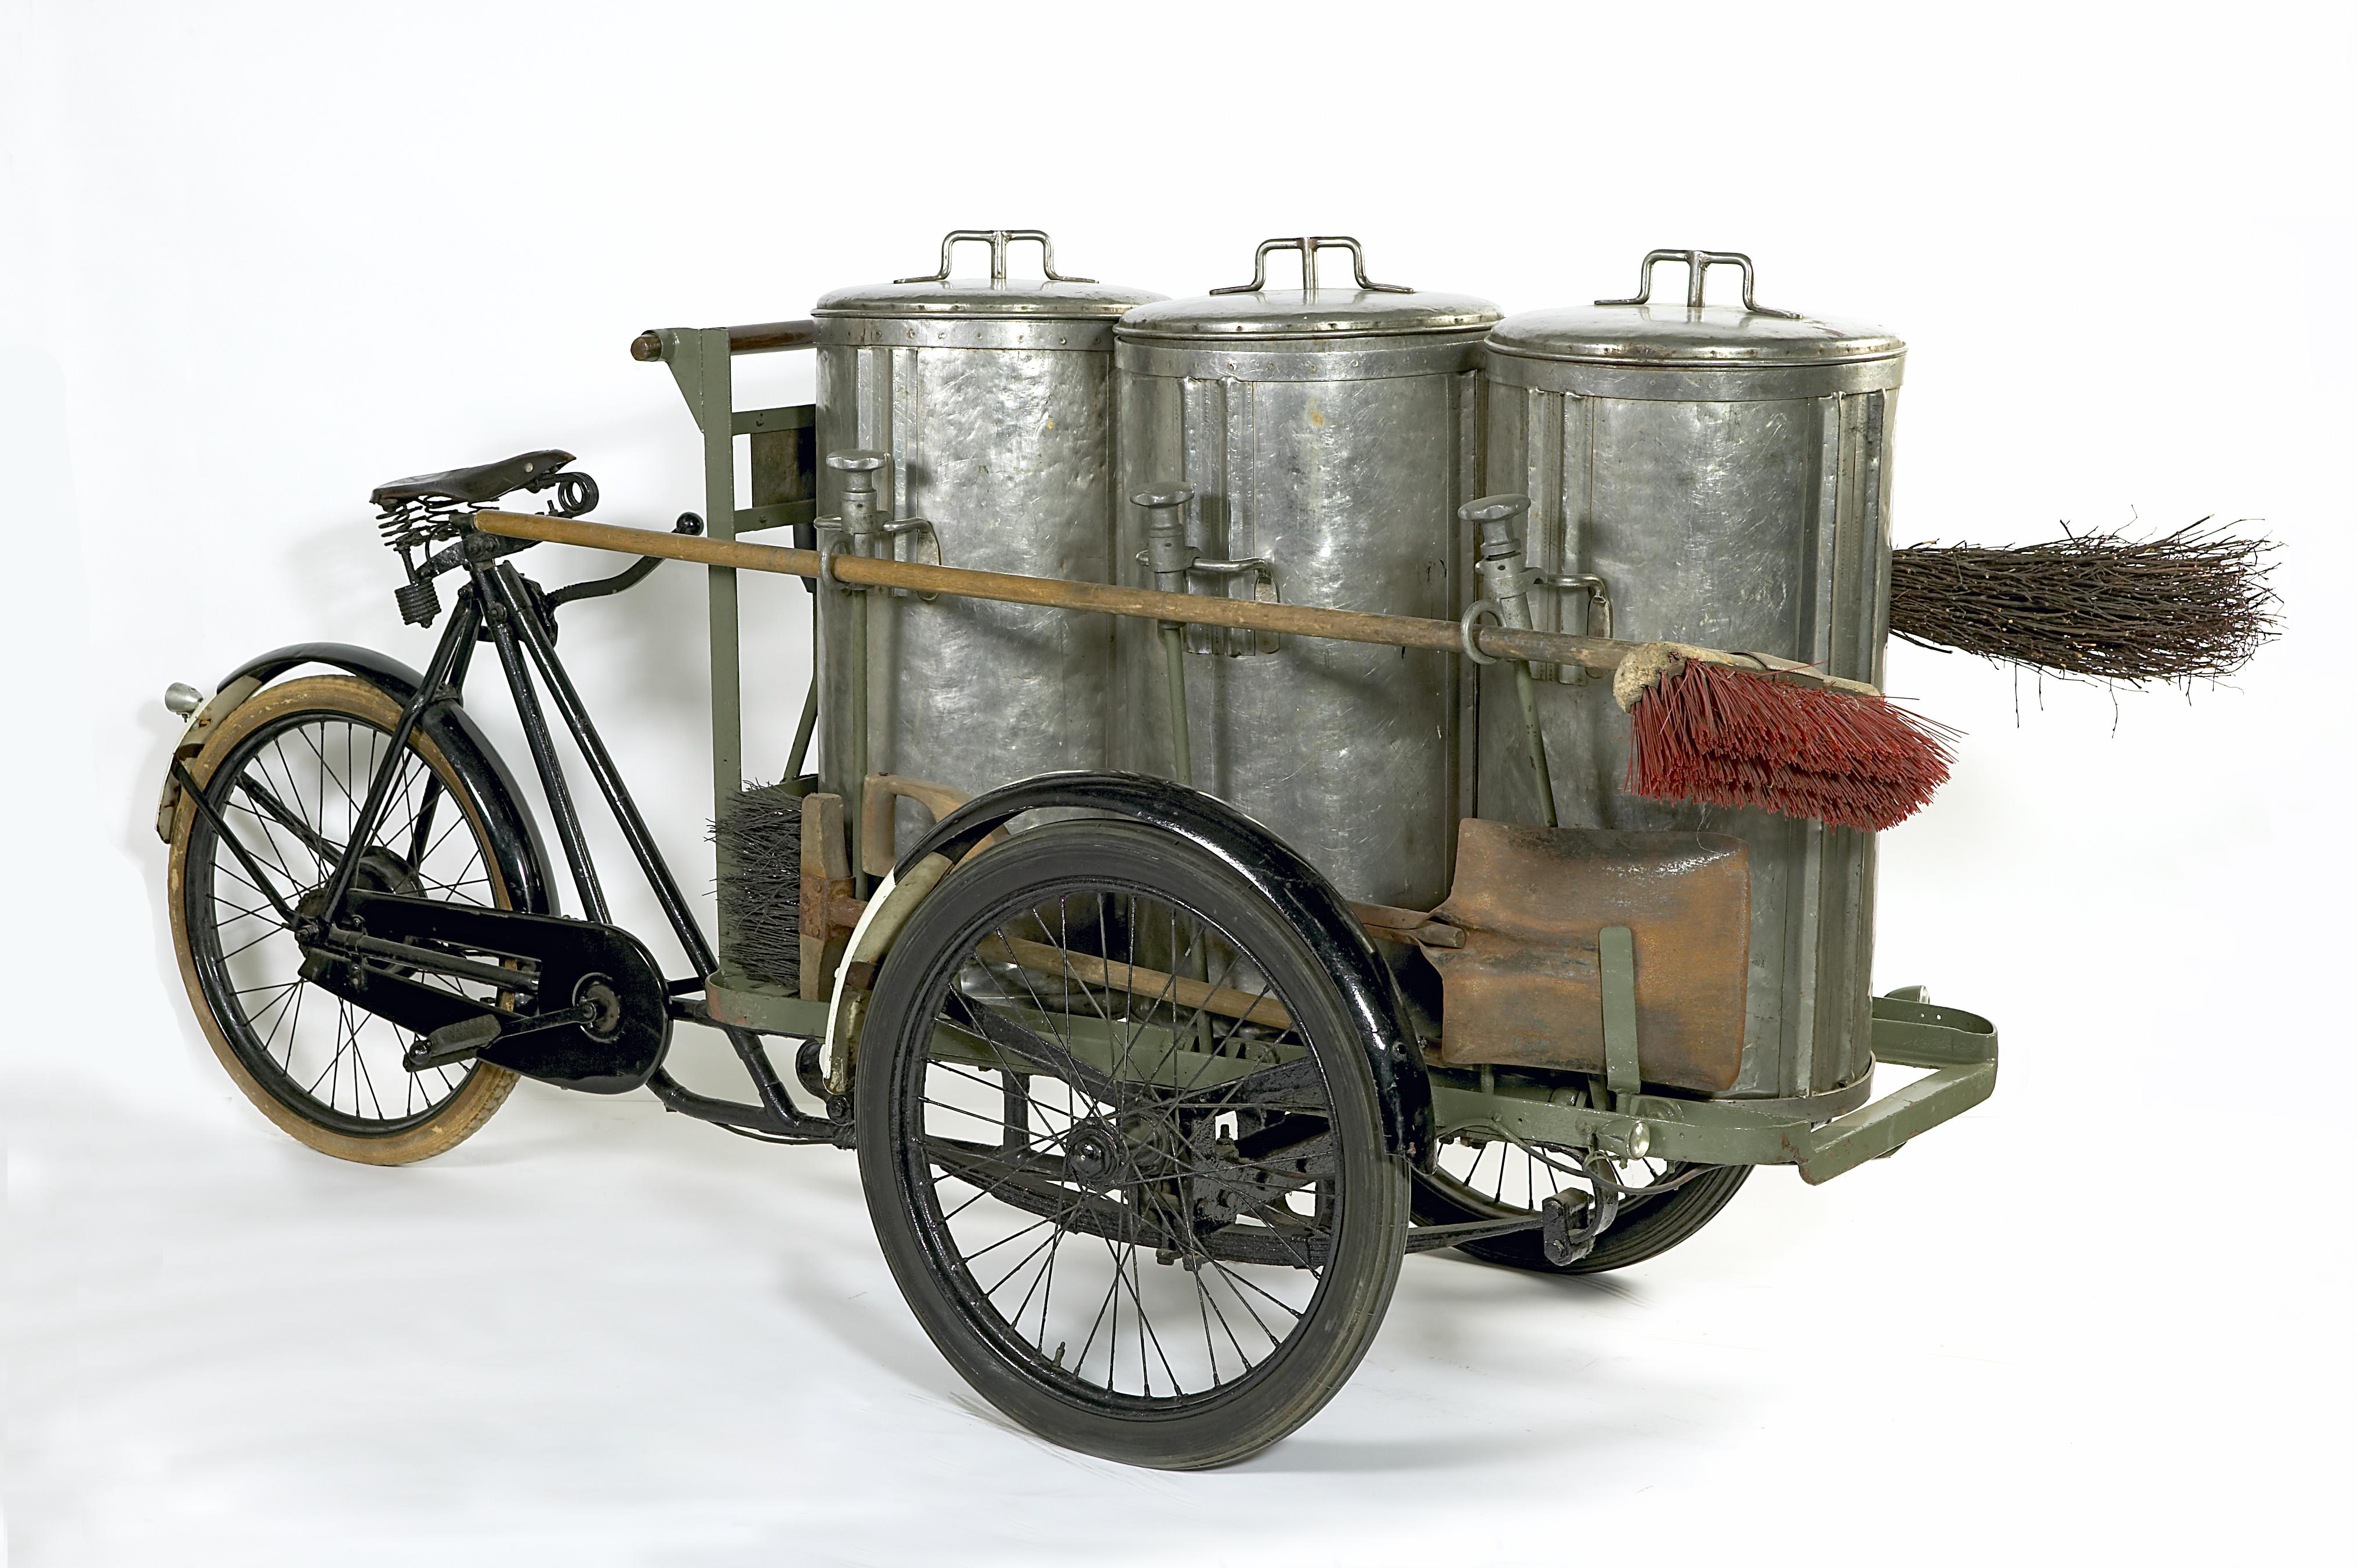 Fietsveegwagen met drie cilindrische bakken en twee bezems, zogeheten driepijper